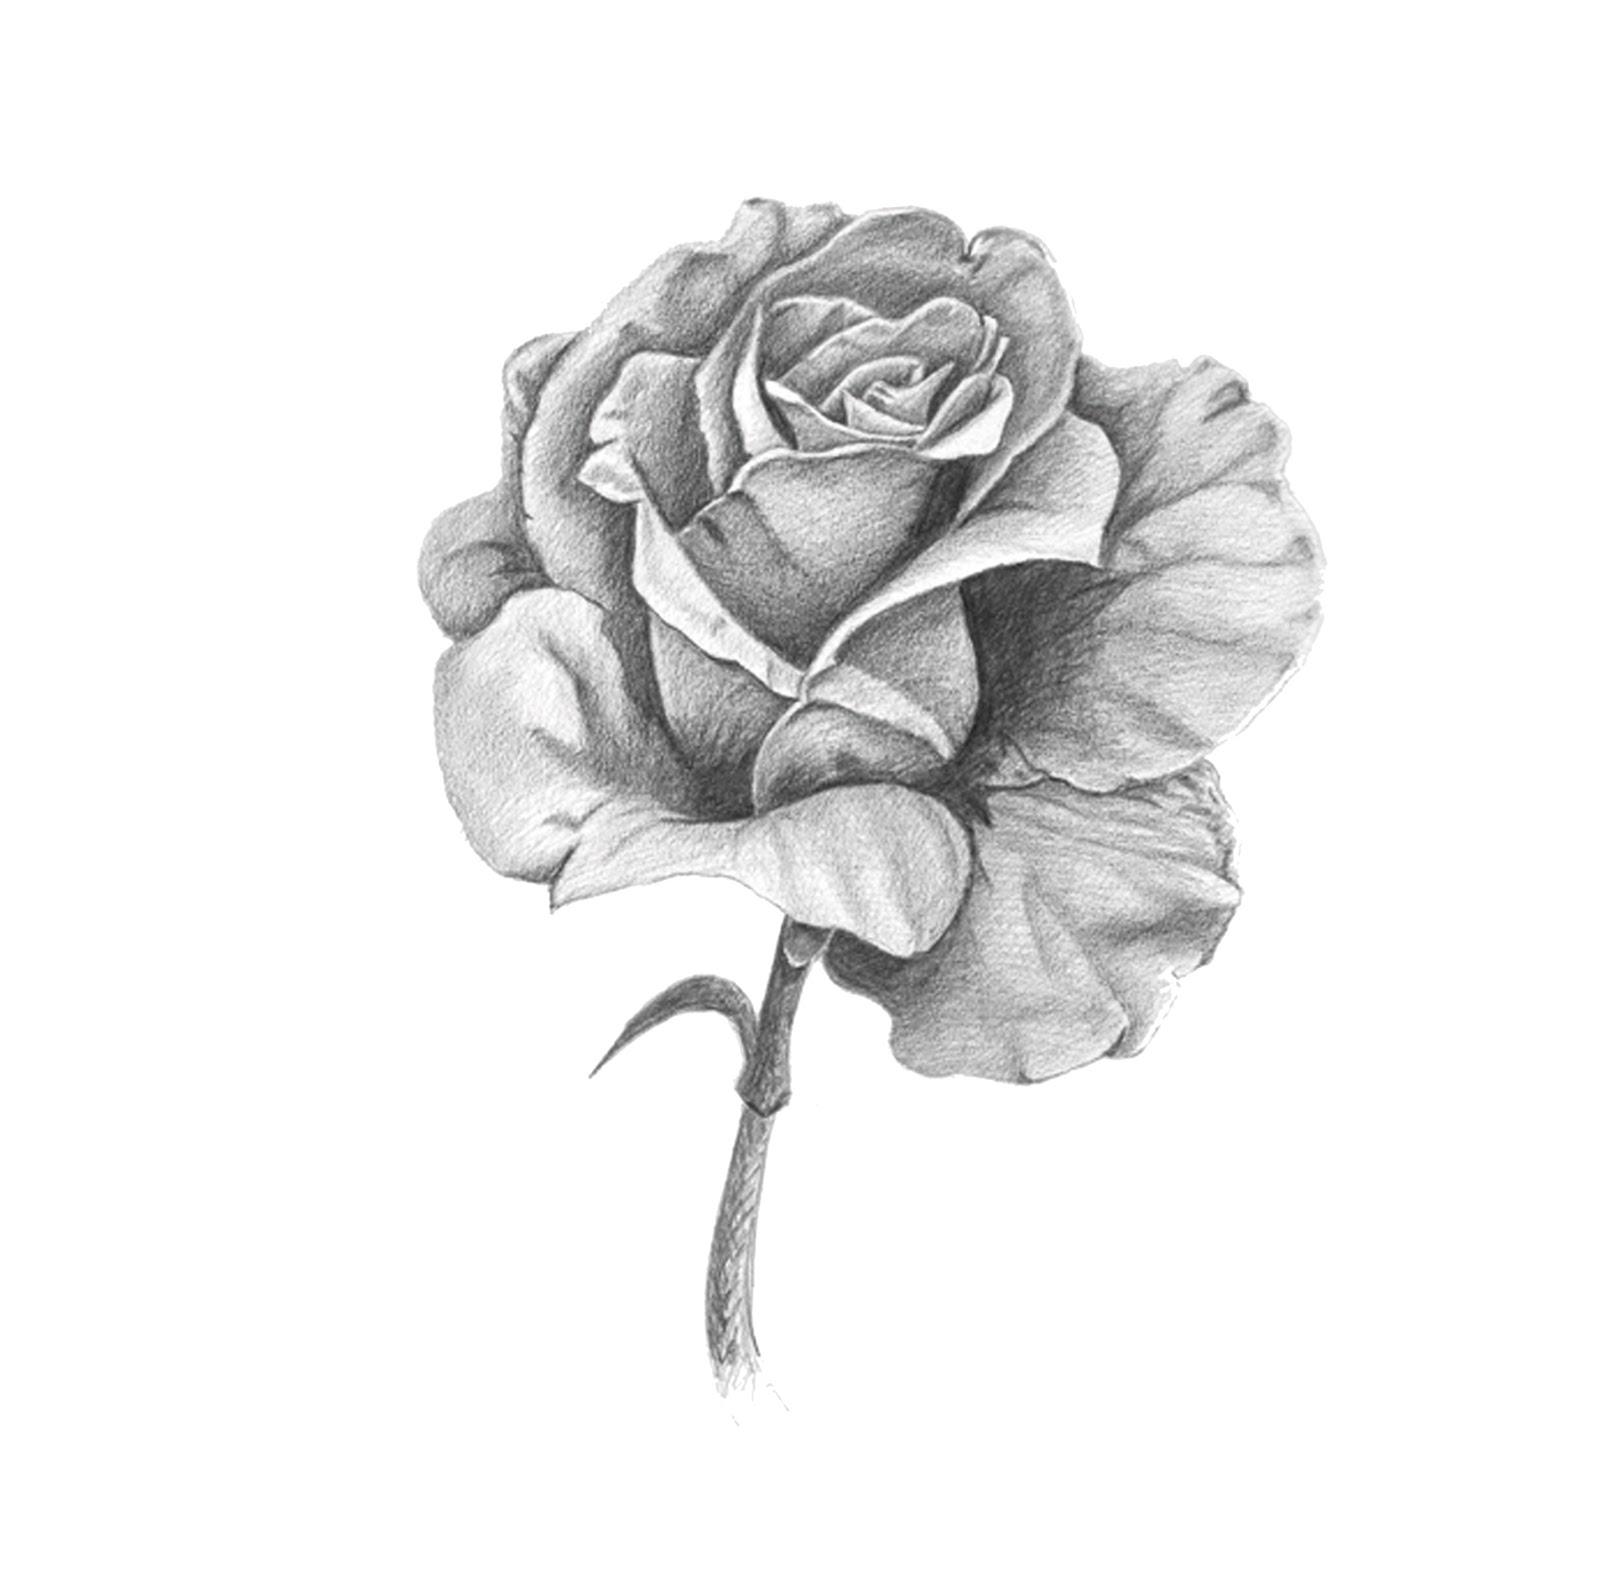 Dibujos de rosas a lapiz banner black and white library Dibujos de rosas a lapiz - ClipartFest banner black and white library